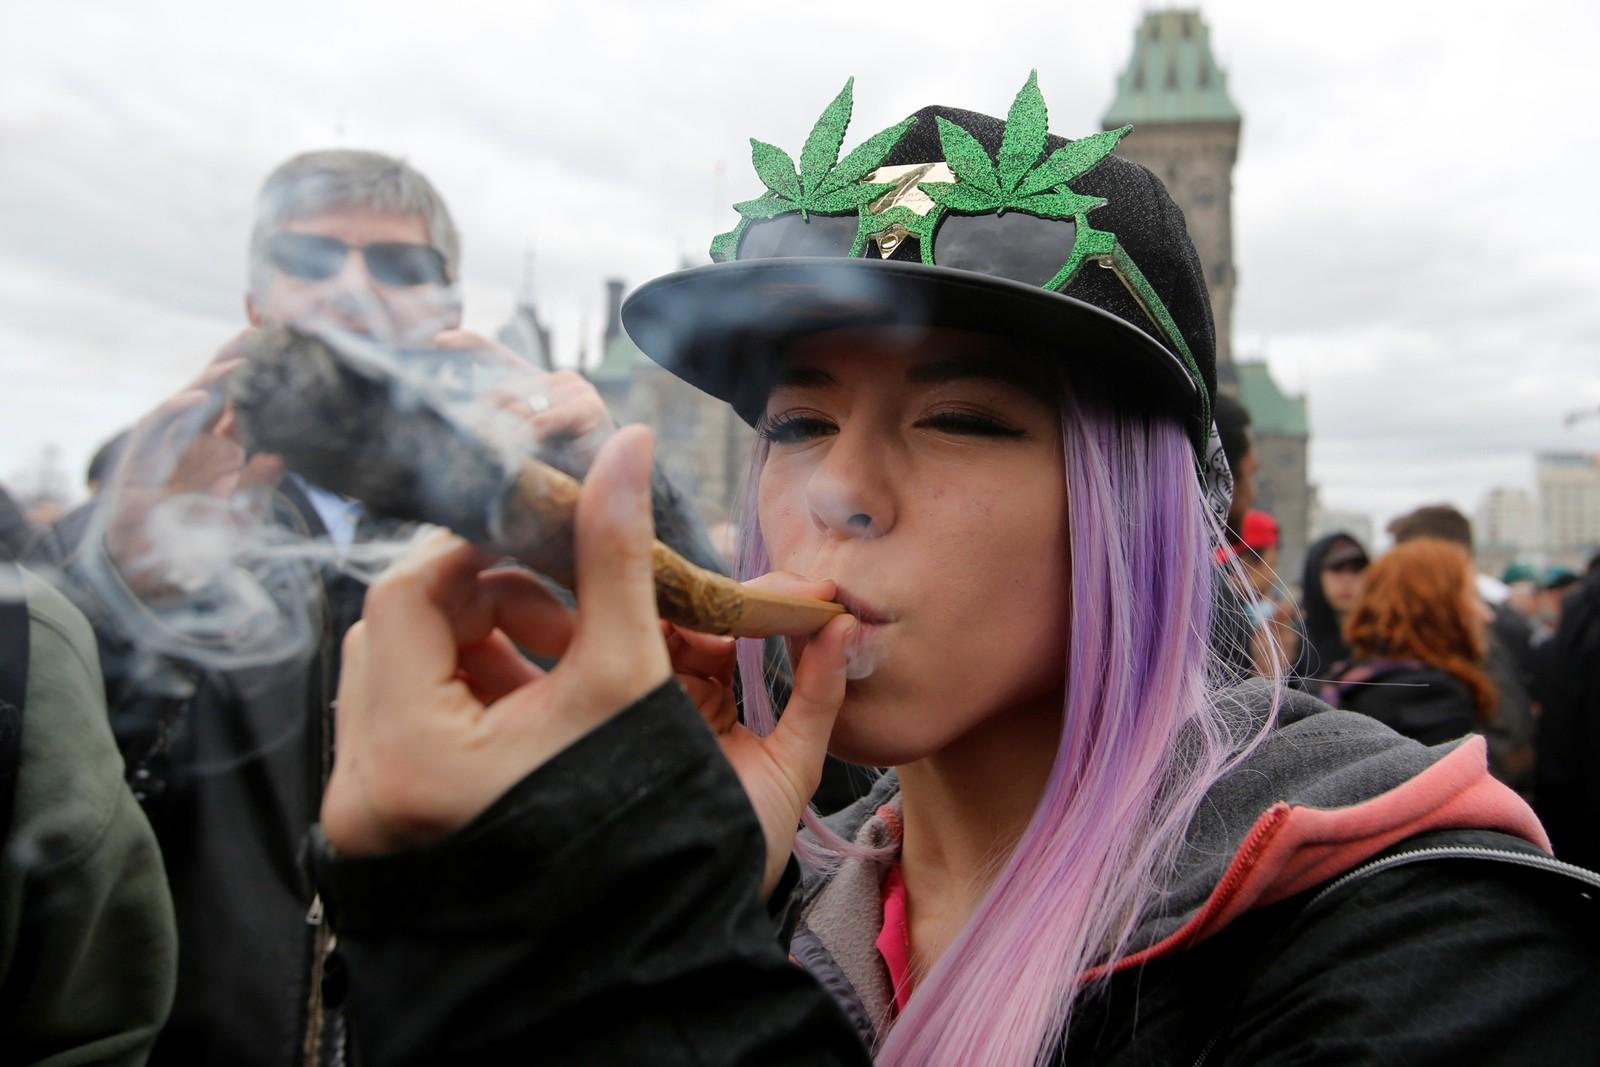 """Mye marihuana-røyk og lite ild da den årlige """"4/20-dagen"""" ble arrangert i Amerika denne uka. 4/20 er et kodeord for marihuana oppfunnet i California i 1971. Etter hvert ble det til at 20. april ble den årlige marihuana-dagen."""